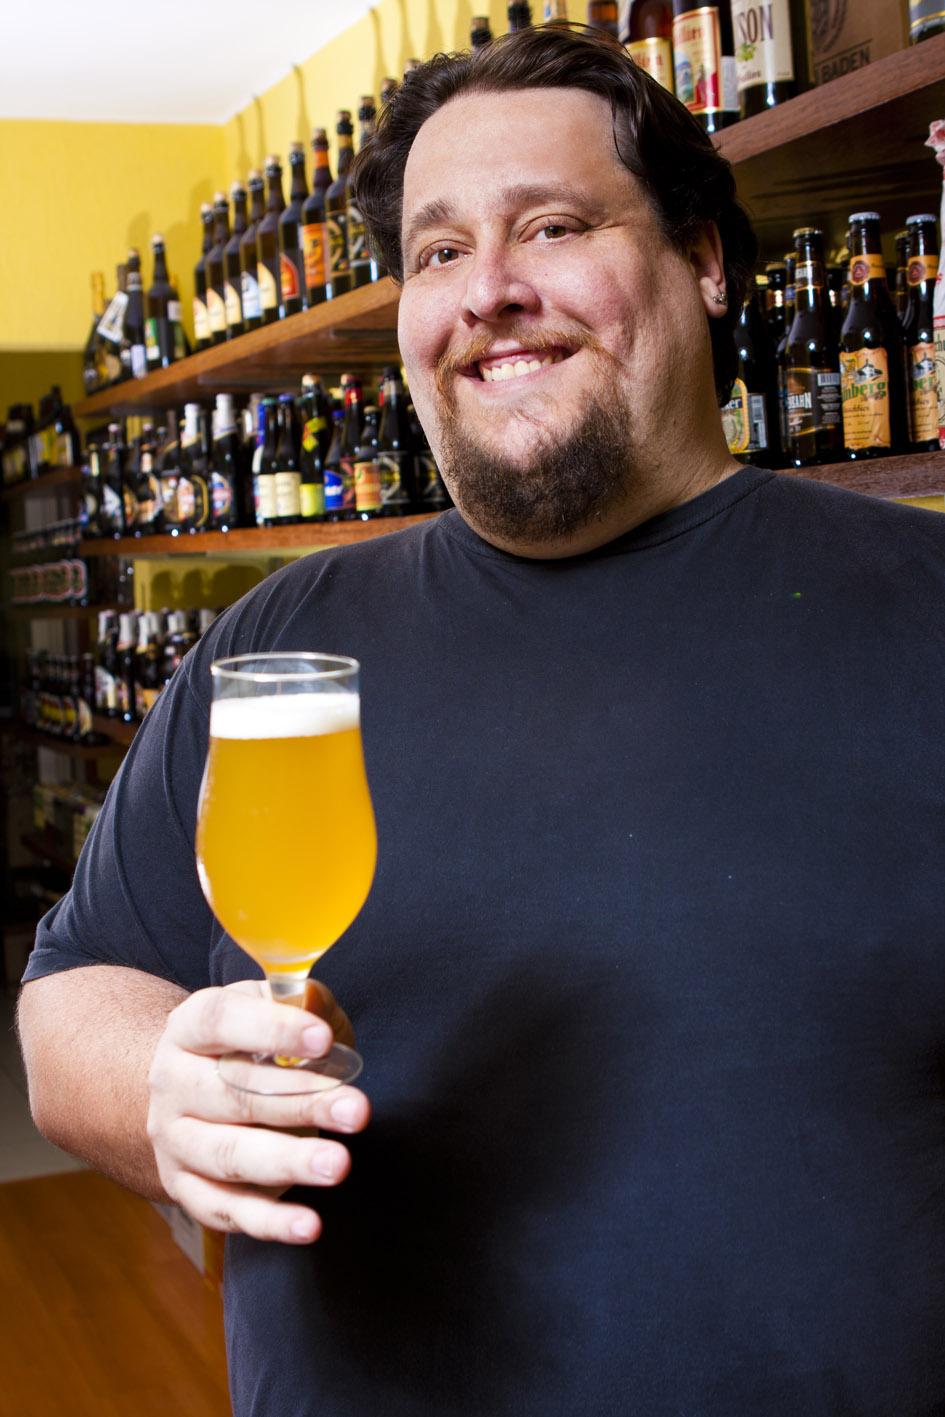 Ronaldo Rossi, o idealizador do BeerCON (Foto: Divulgação)